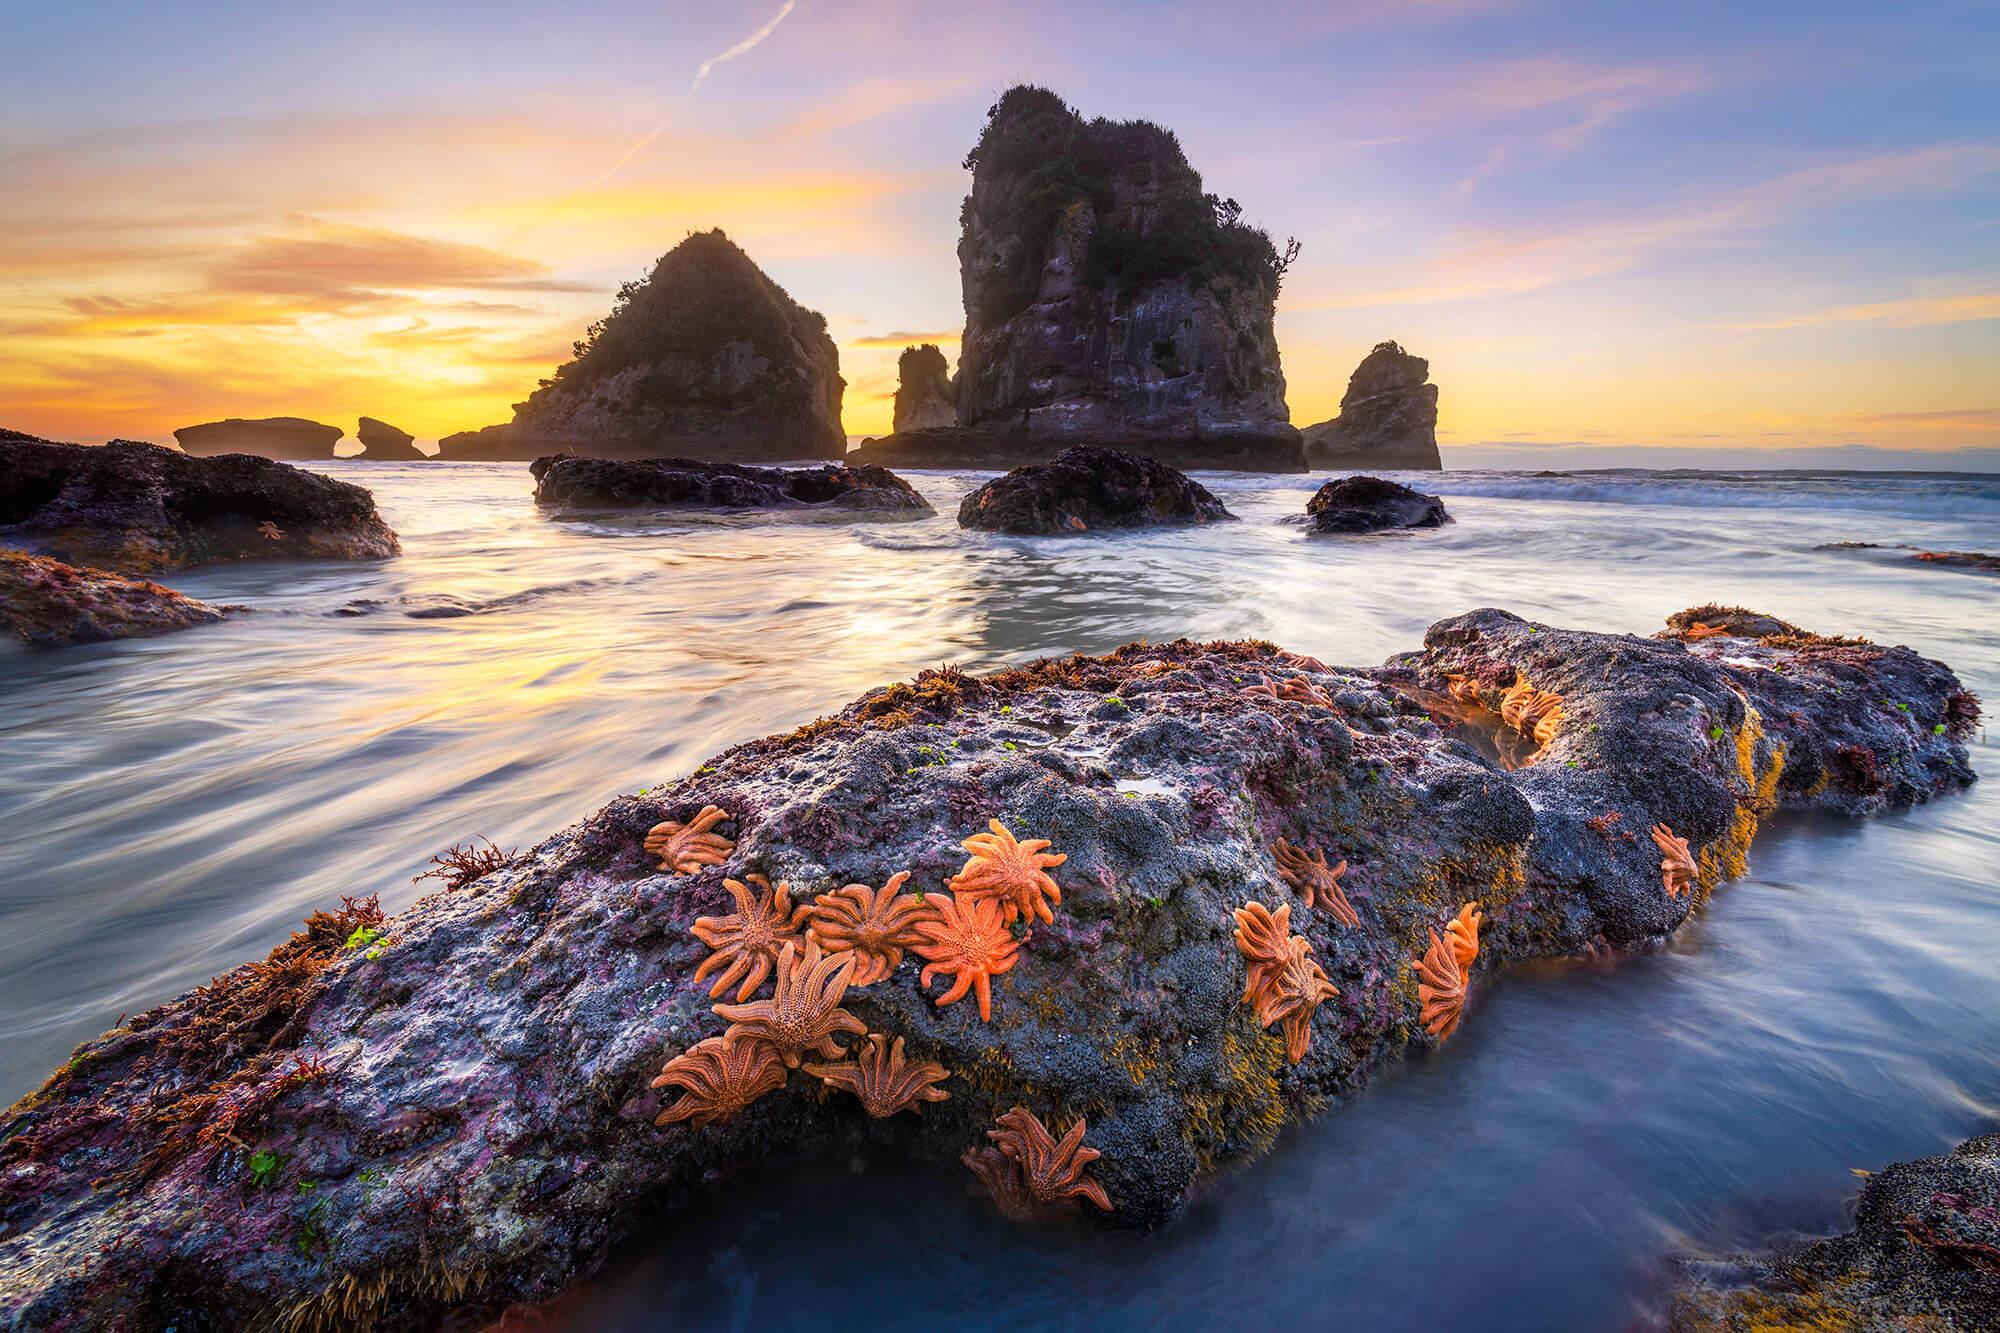 Photo of starfish on rocks along coast by Luke Tscharke